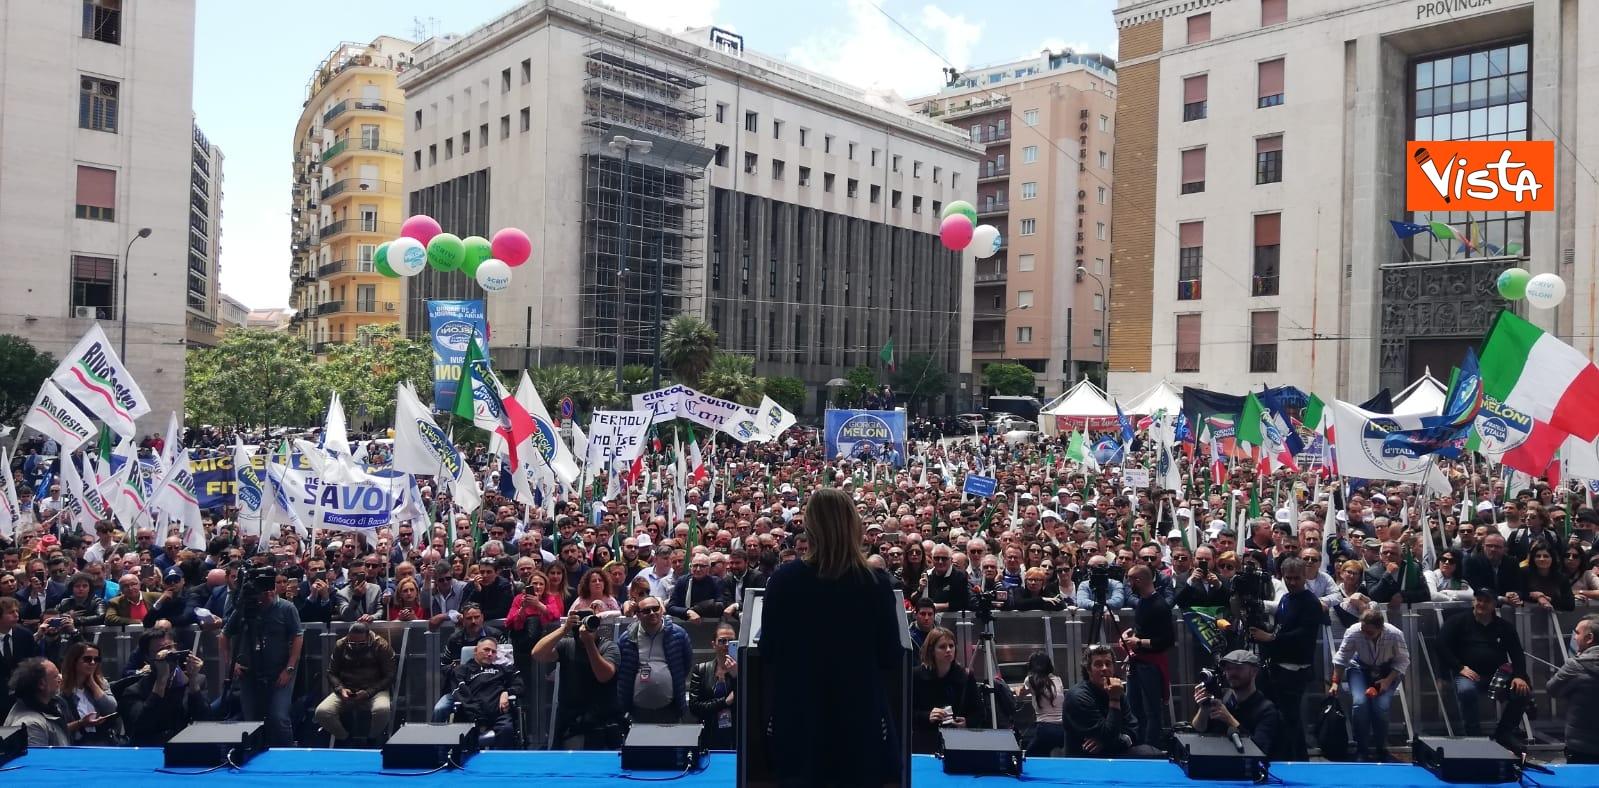 19-05-19 Europee Meloni chiude campagna elettorale a Napoli il comizio in piazza Matteotti_04